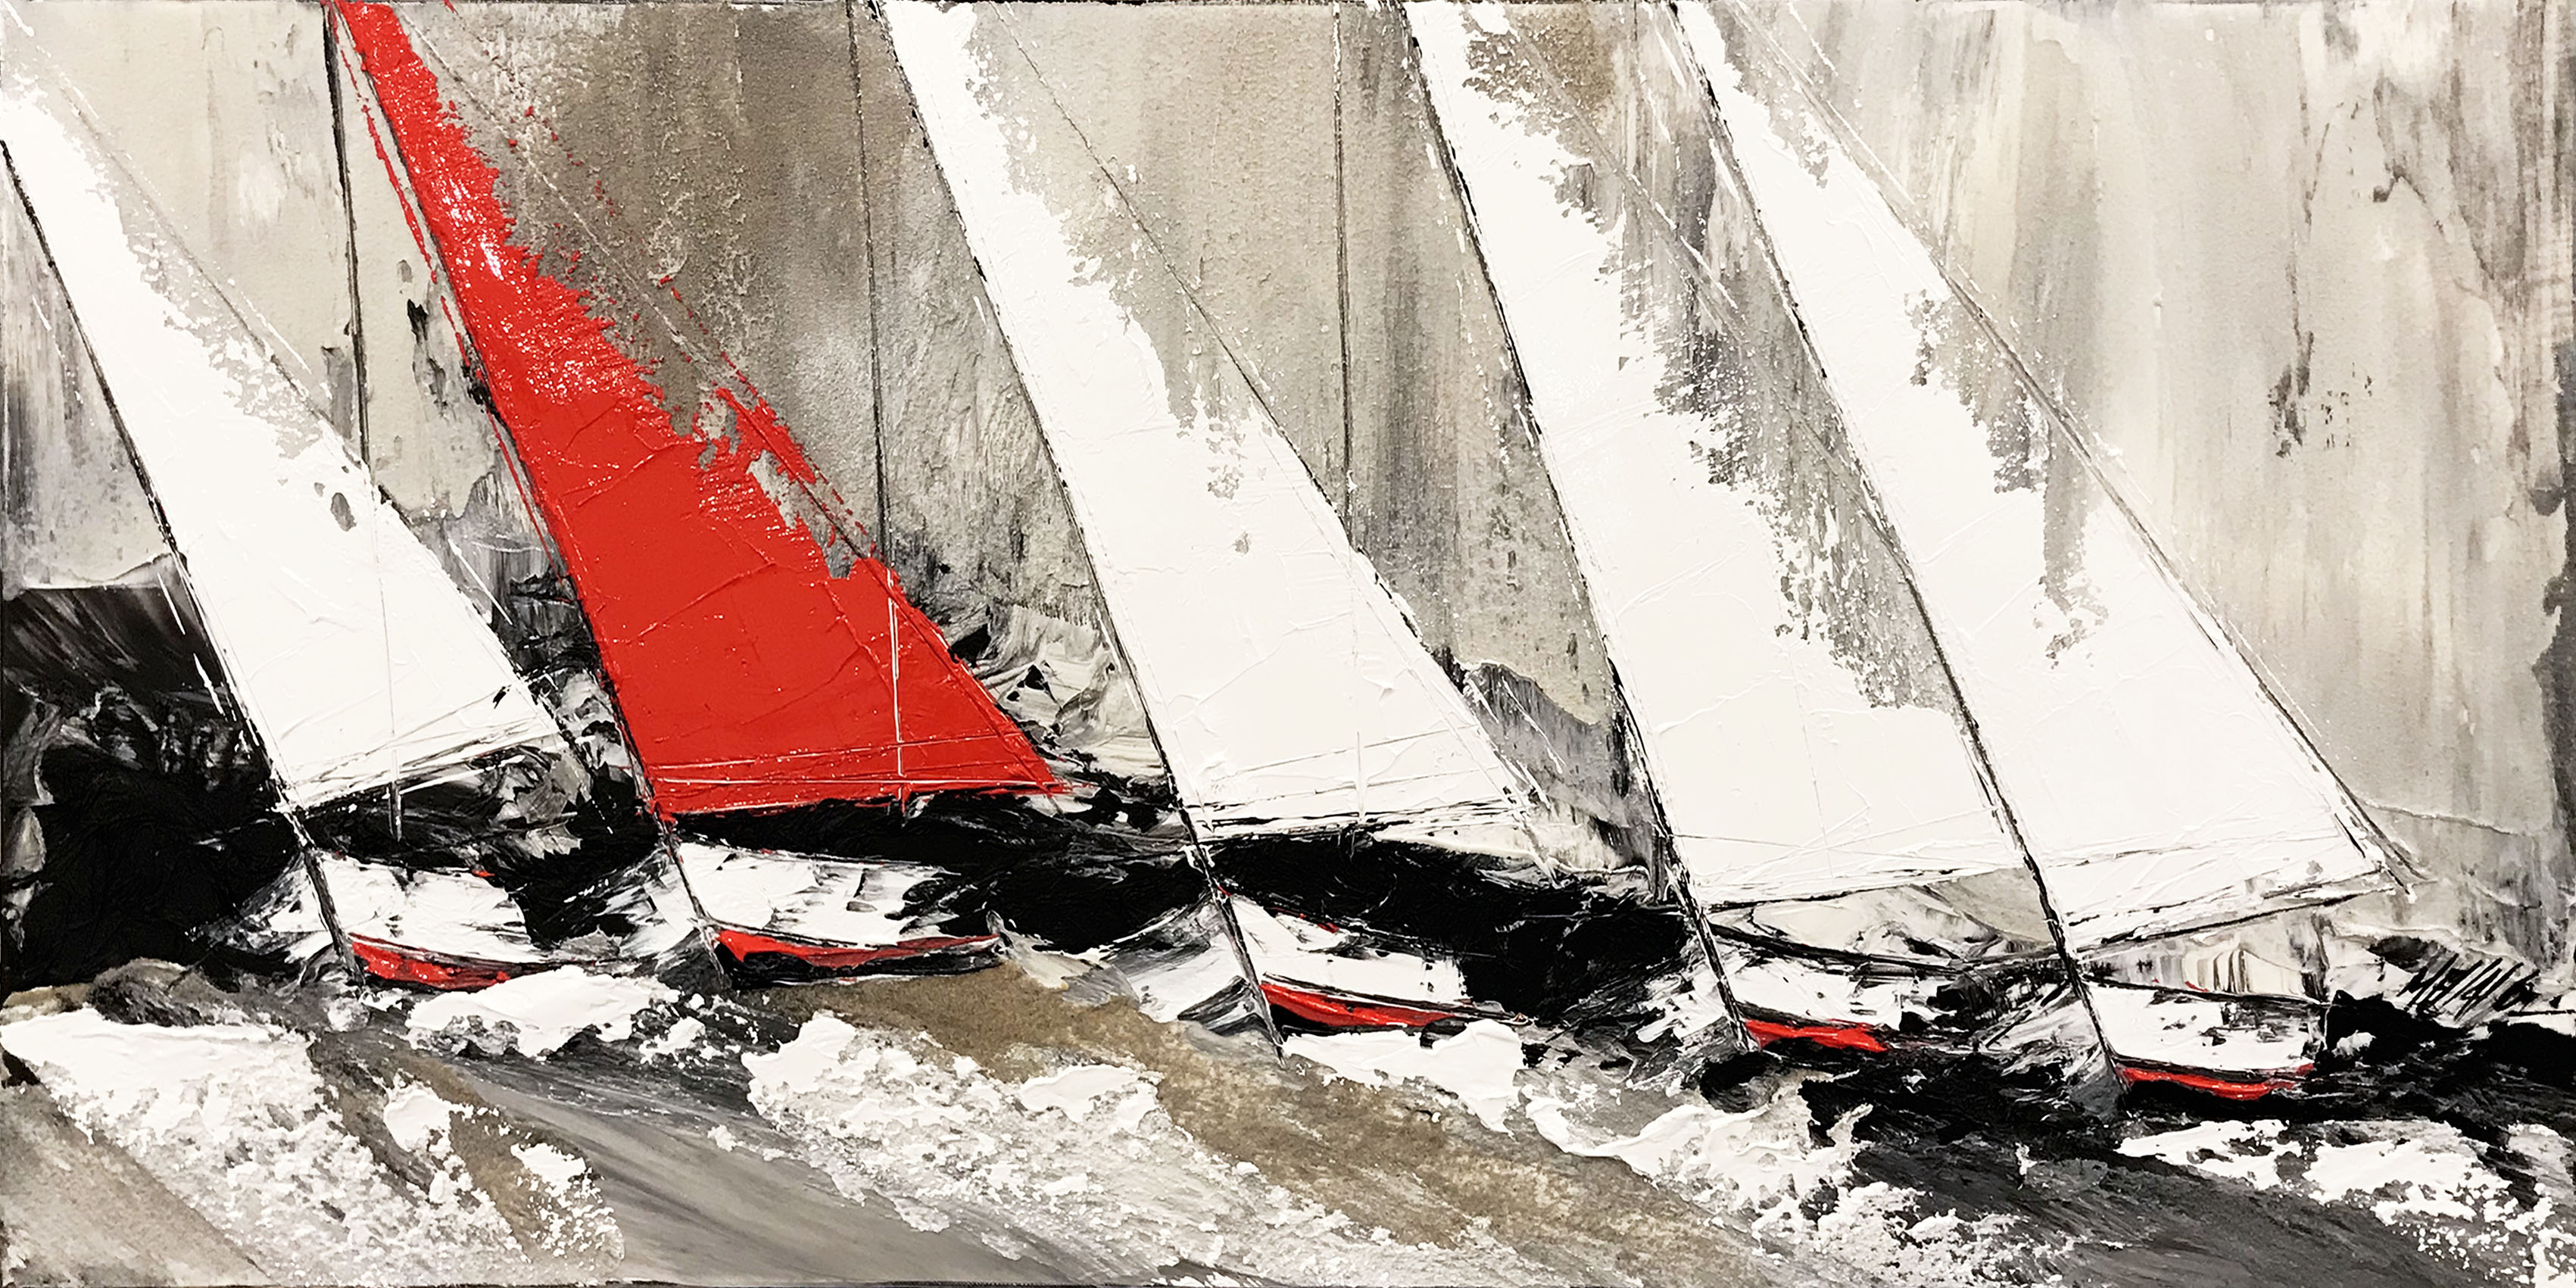 Le voilier rouge... | 60x120cm (2020)